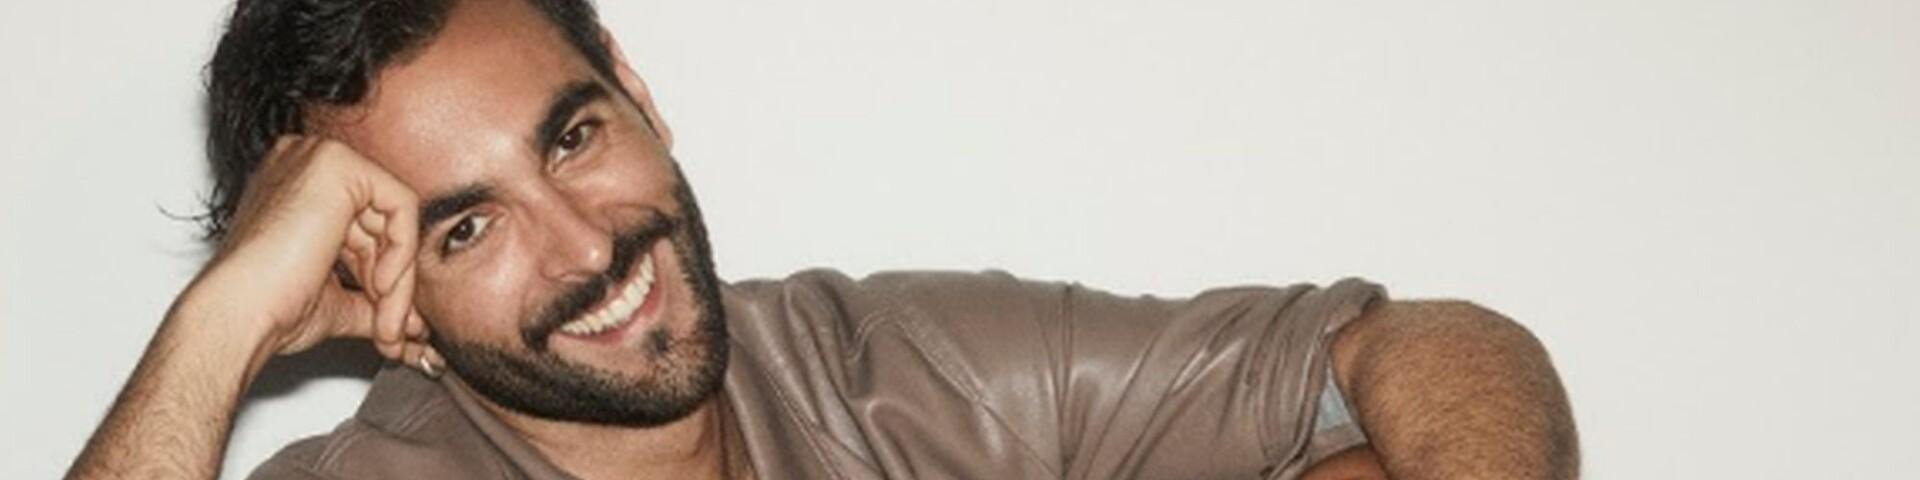 Marco Mengoni annuncia un nuovo singolo e il tour negli stadi